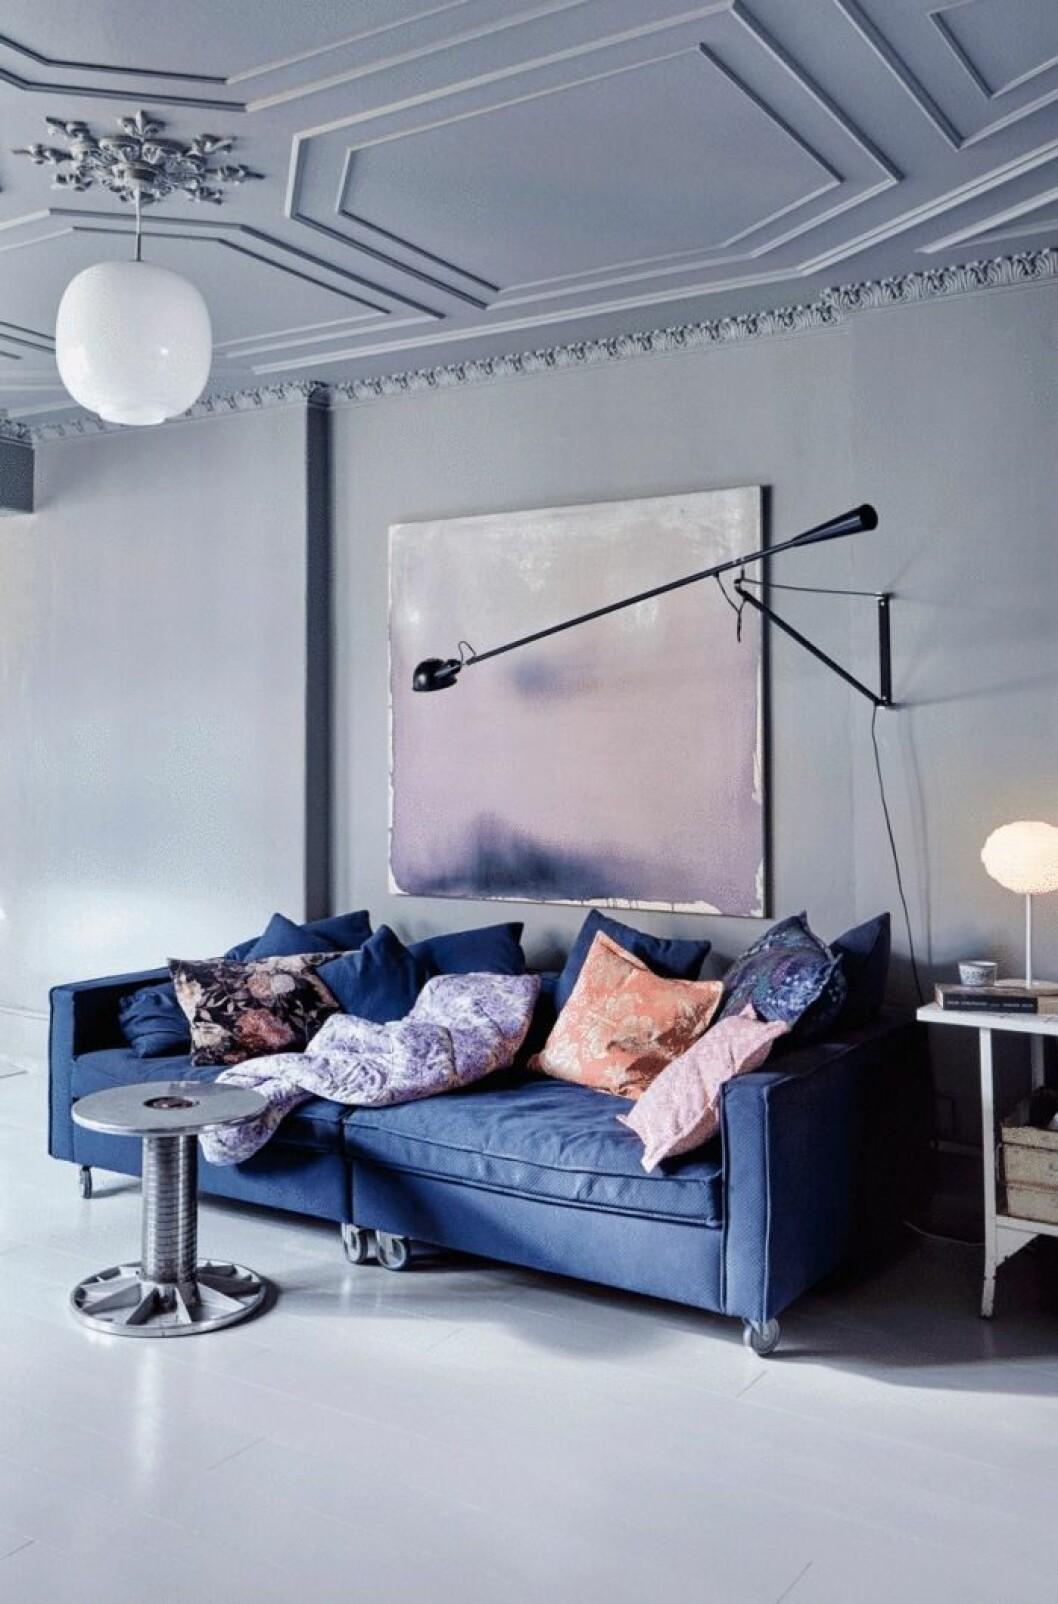 Blå soffa blir en bra kontrast i det gråmålade hemmet